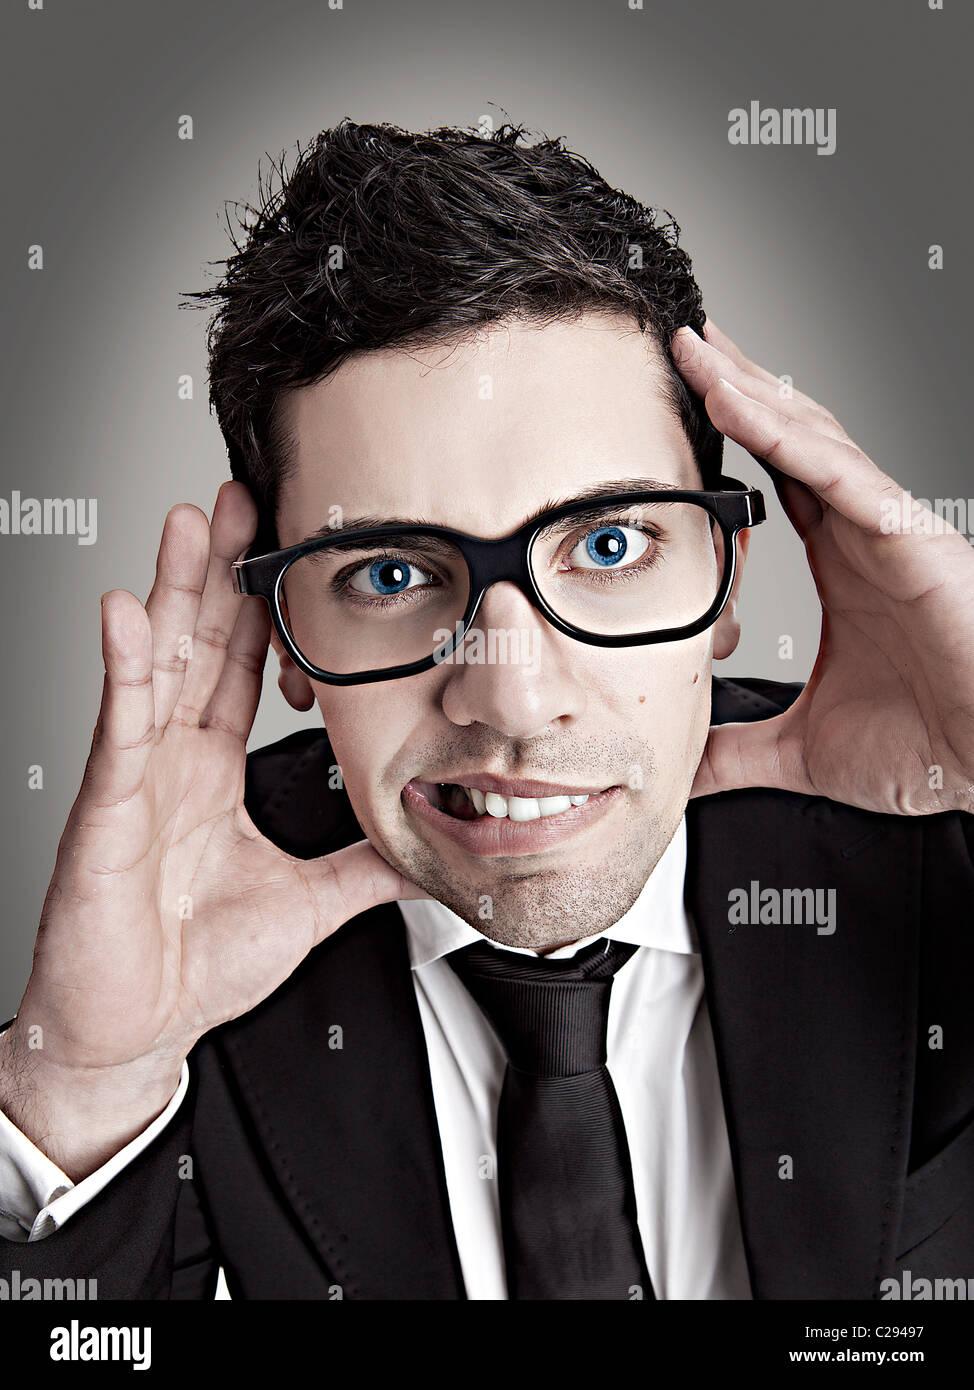 Divertente ritratto di una giovane imprenditore con un nerd occhiali  Immagini Stock dd3cc9f7c844